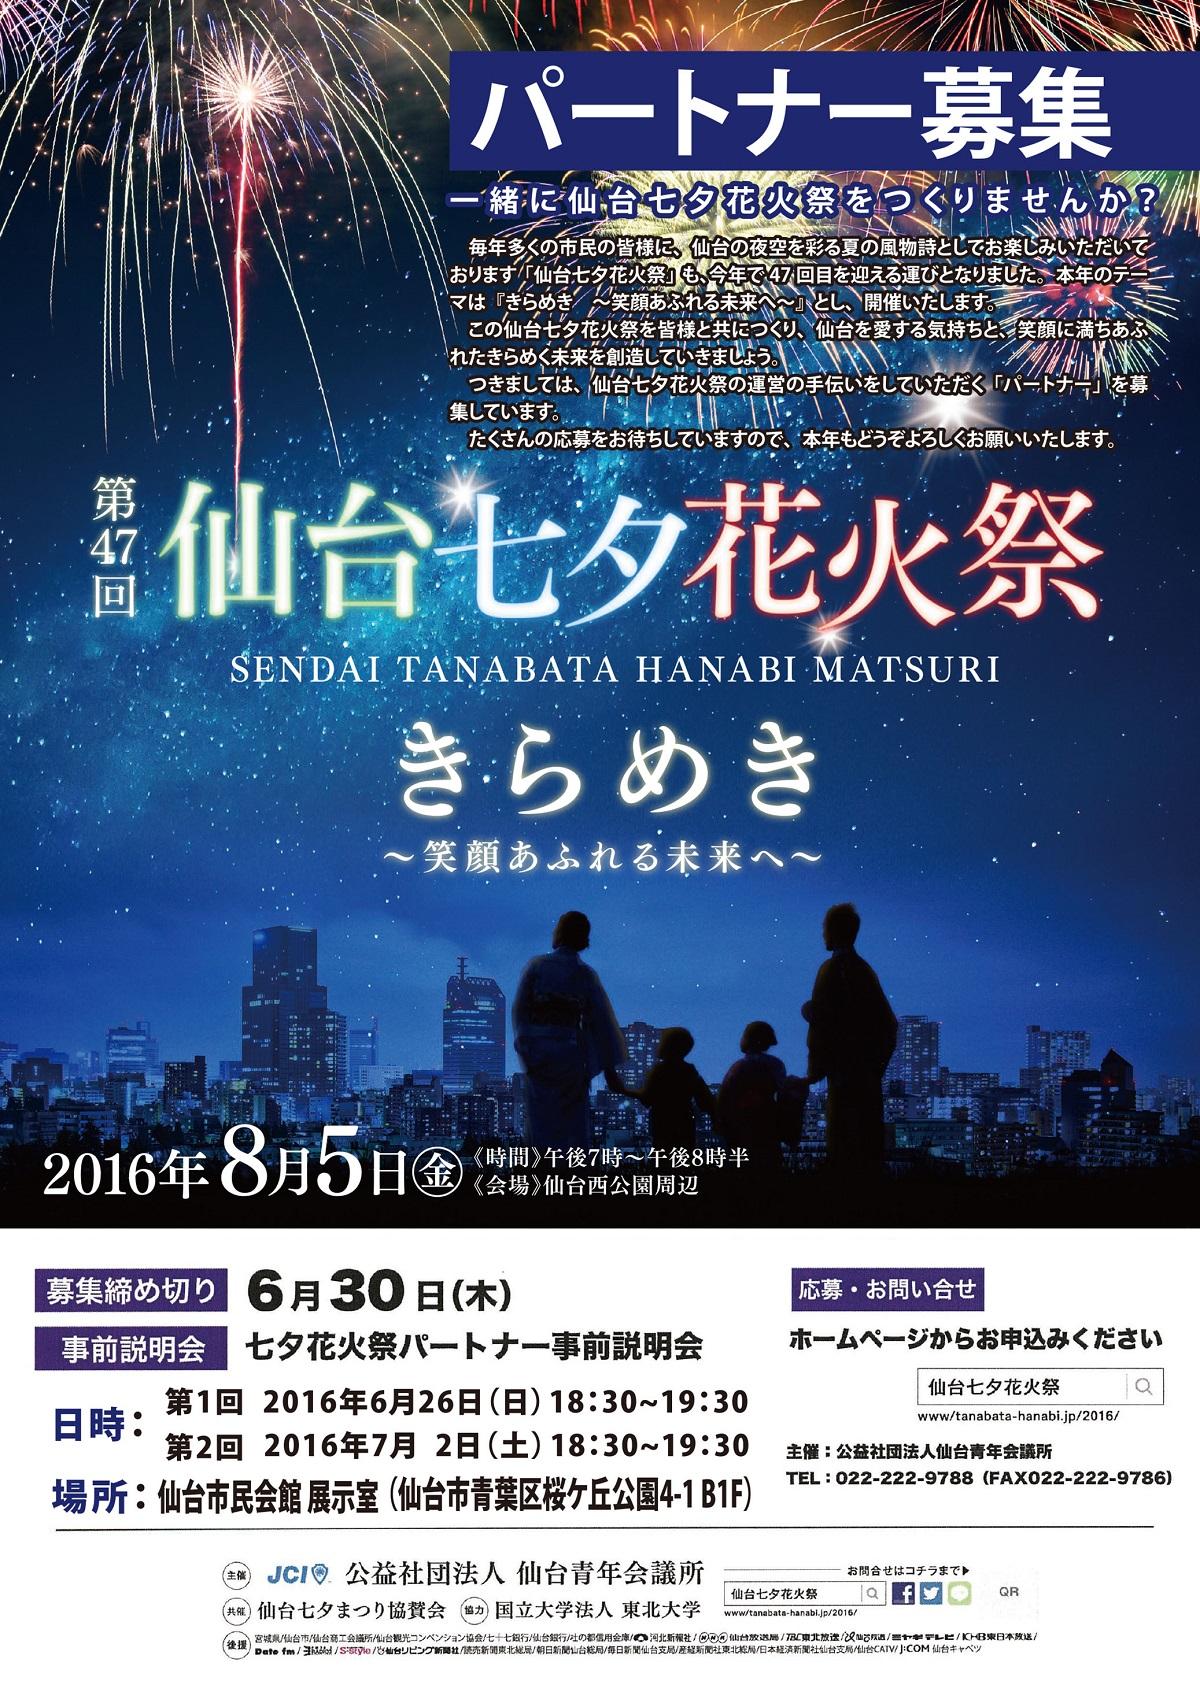 仙台七夕花火祭協賛のお願い及びパートナー募集!のイメージ